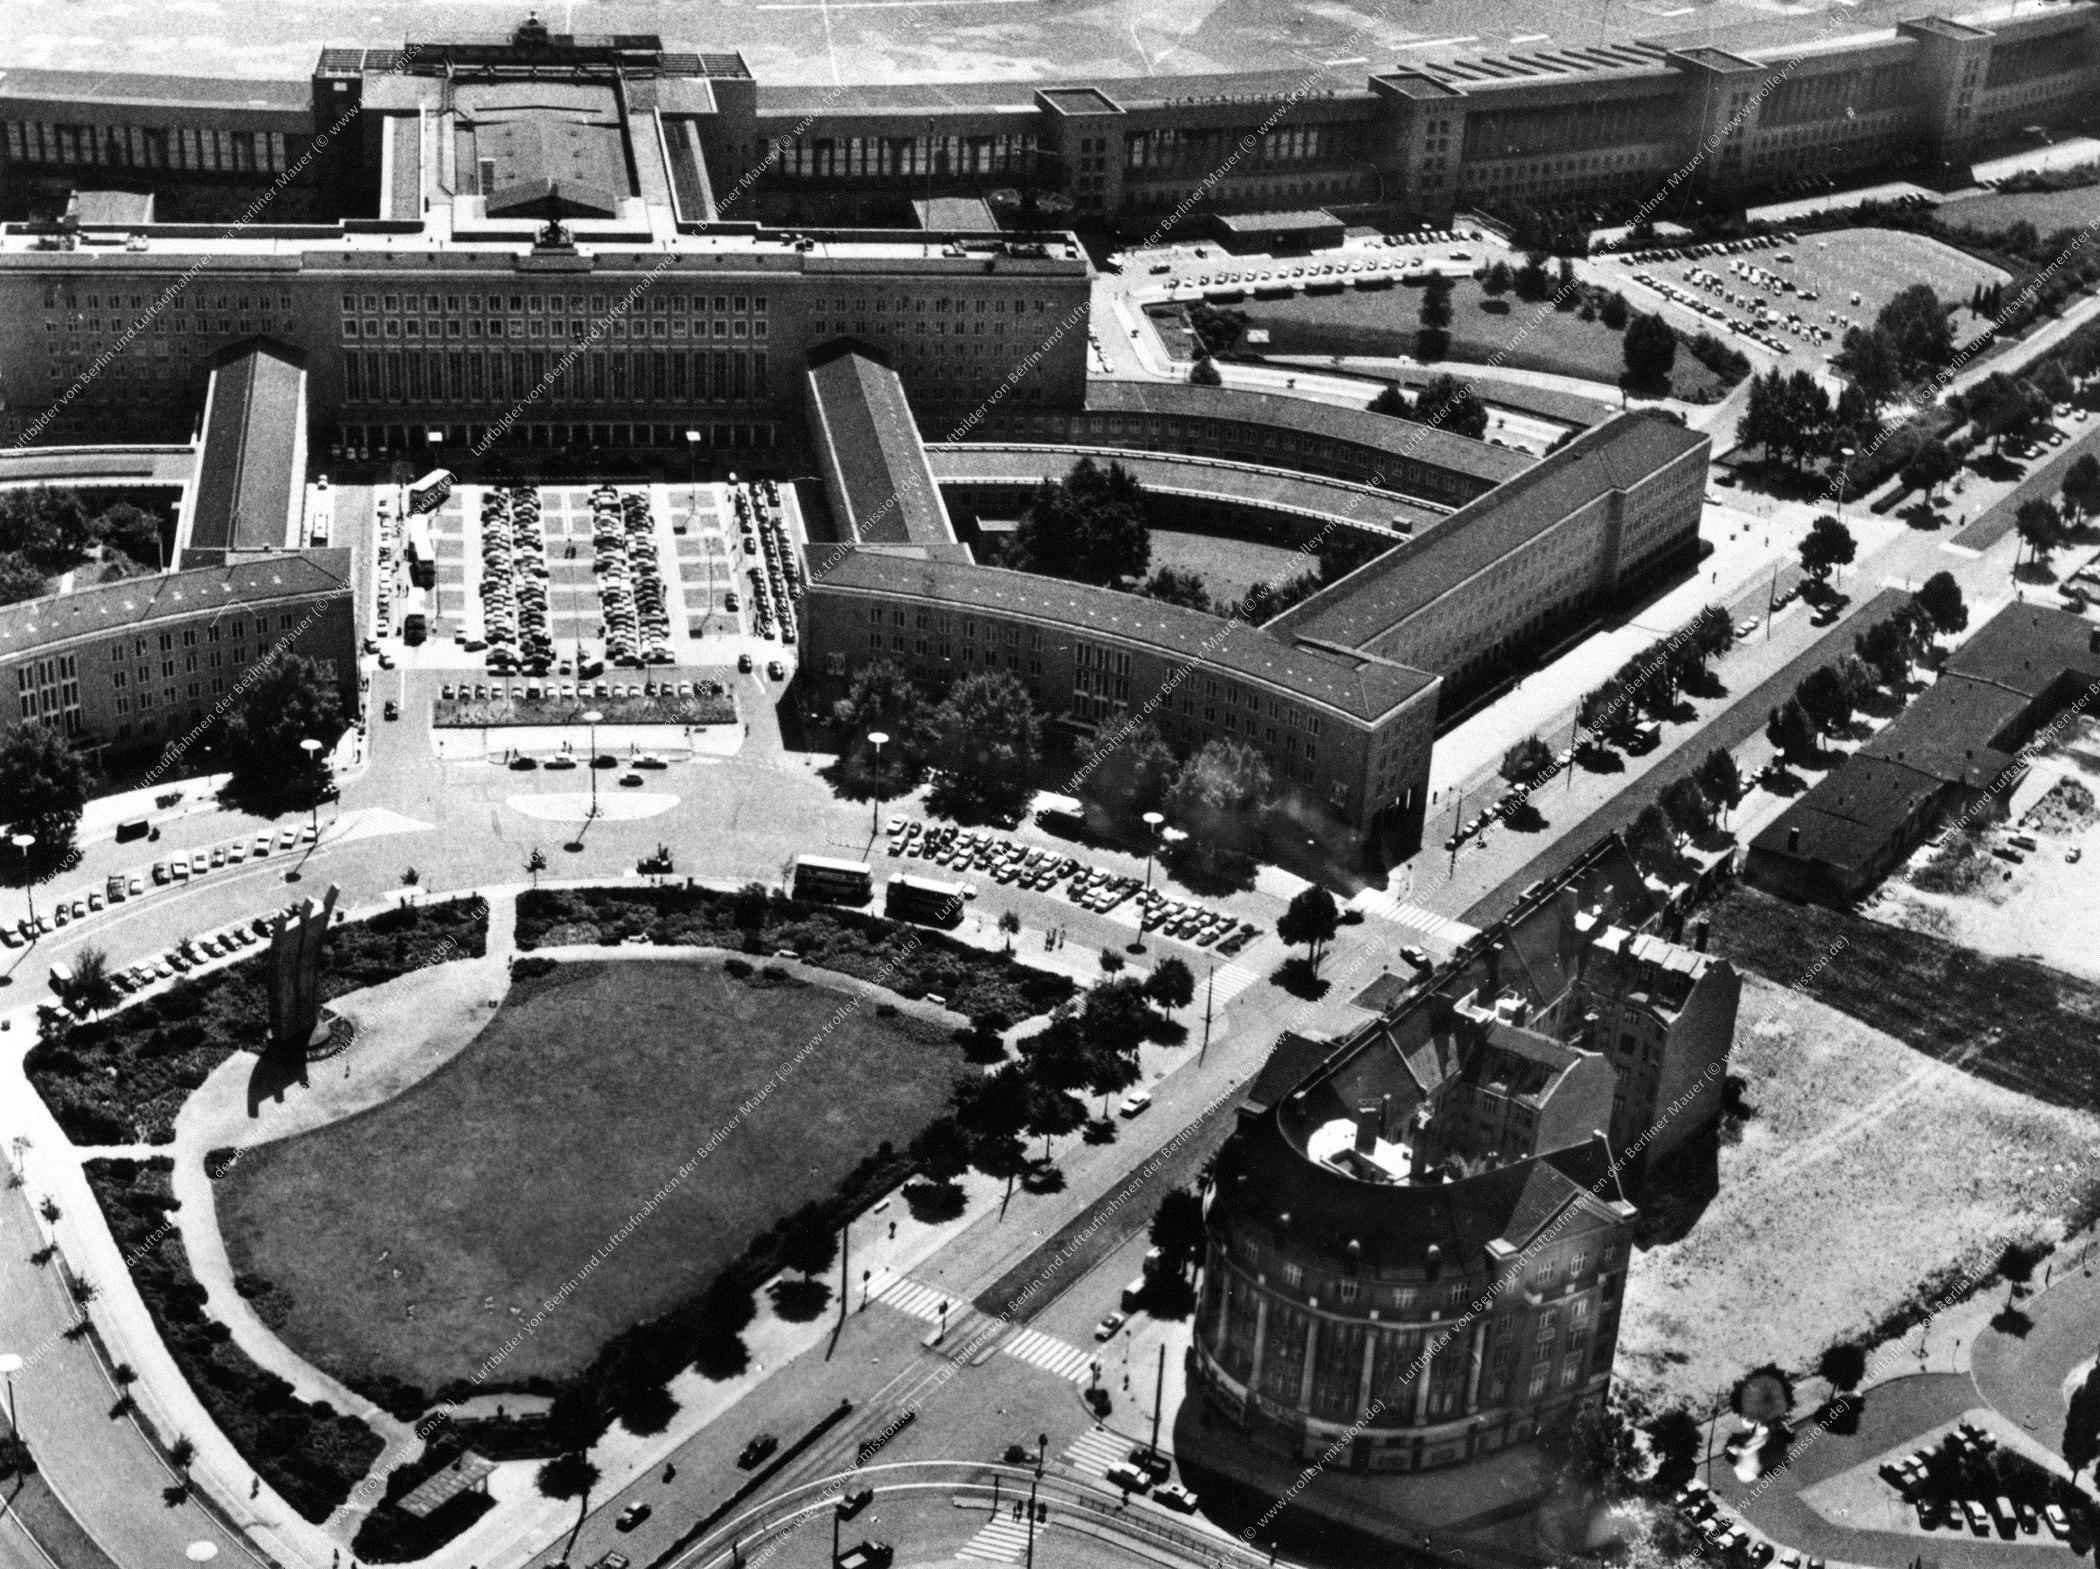 Flughafen Berlin-Tempelhof - Luftbild nach der deutschen Wiedervereinigung (Bild 131)